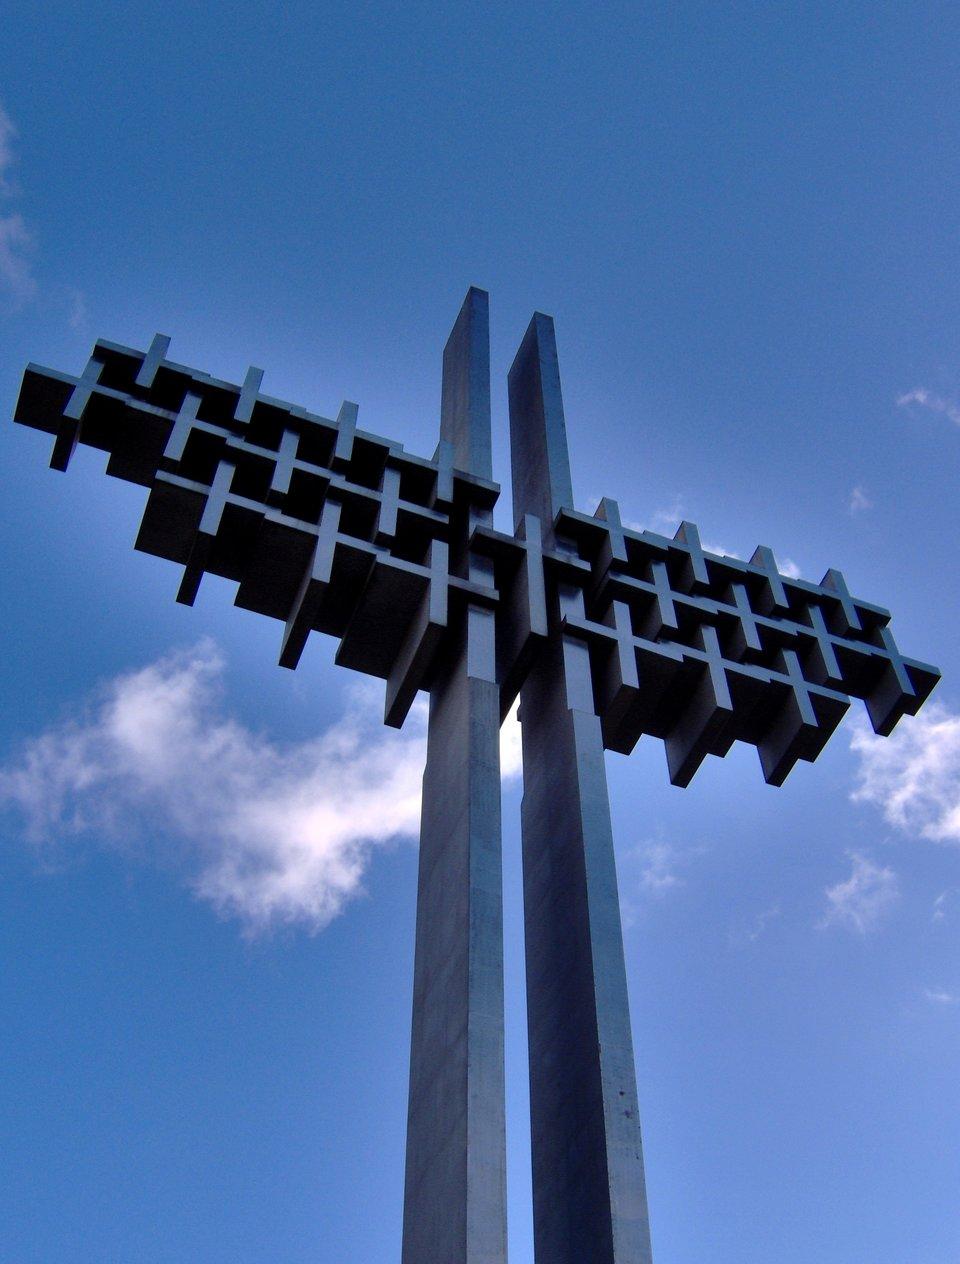 Gdynia Pomnik Ofiar Grudnia 1970 Źródło: Gdynia Pomnik Ofiar Grudnia 1970, Fotografia, licencja: CC BY-SA 3.0.